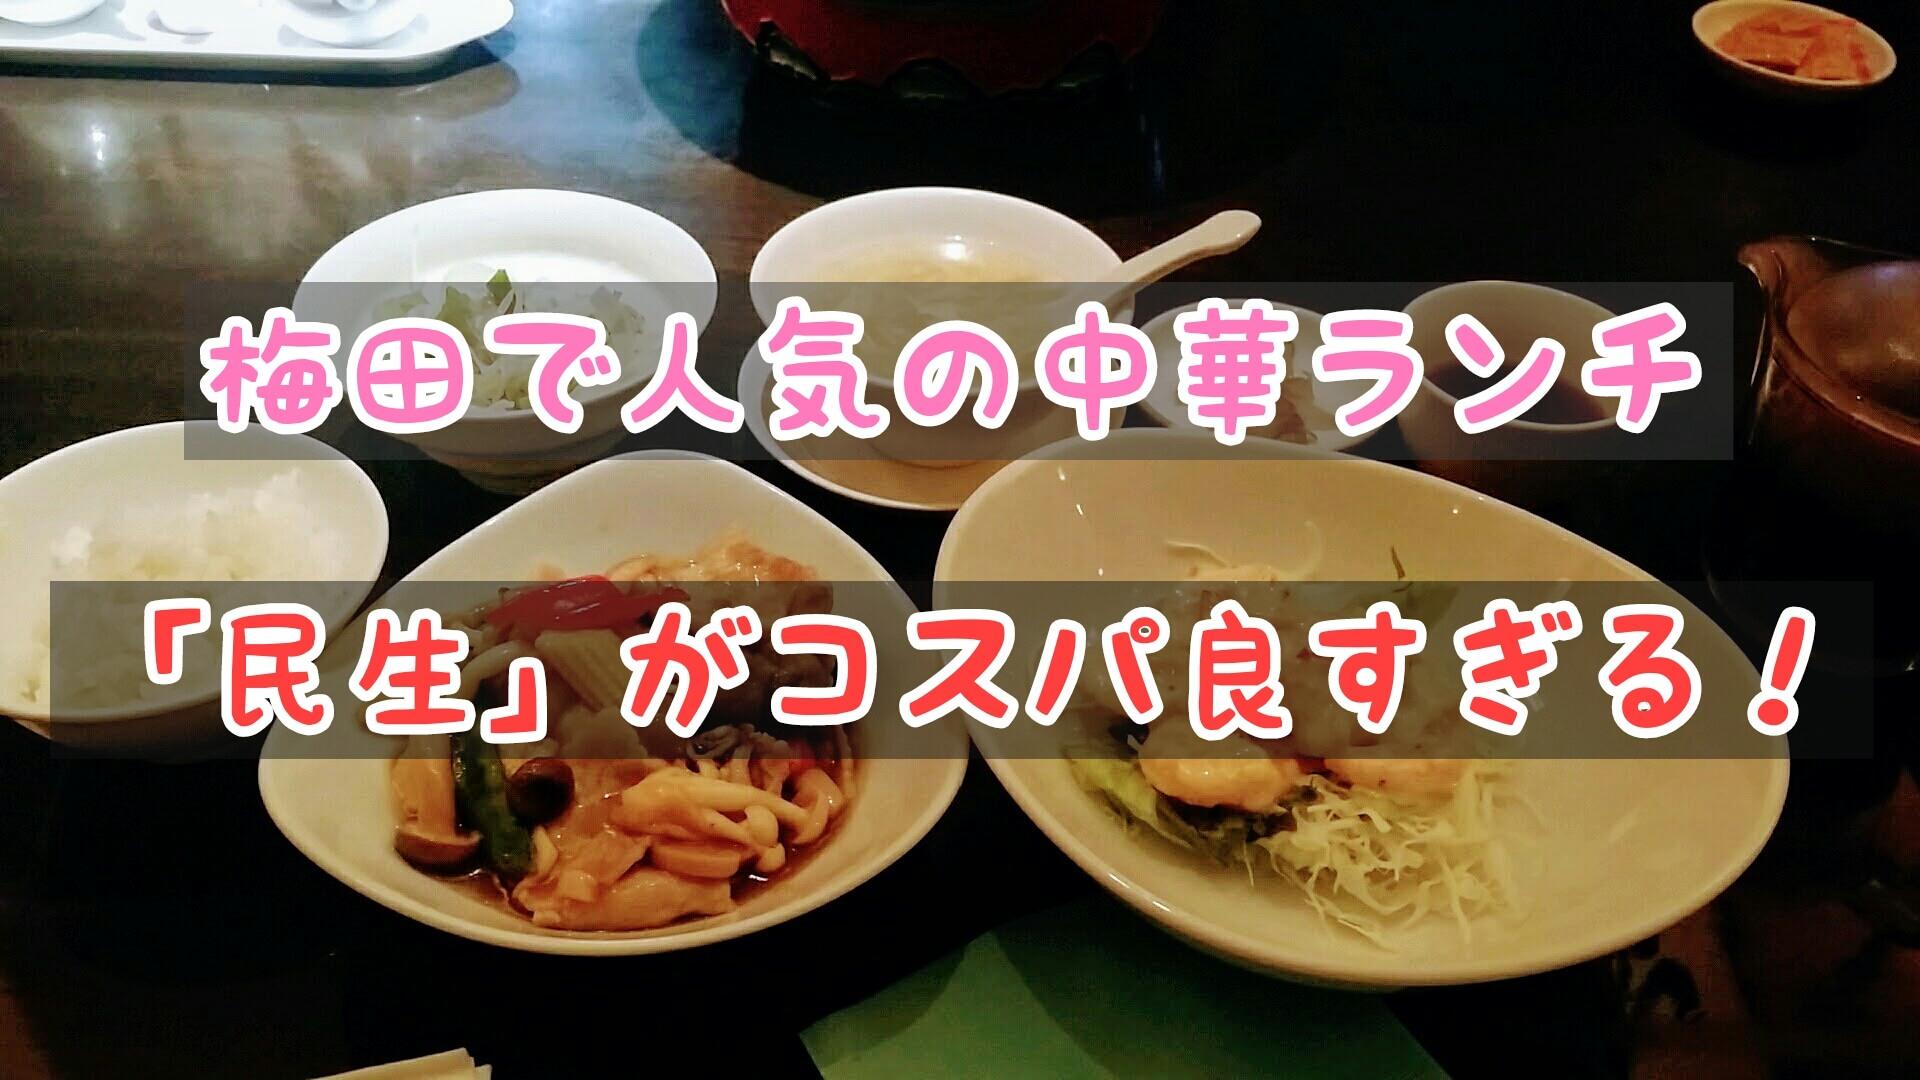 梅田の中華ランチ「民生」